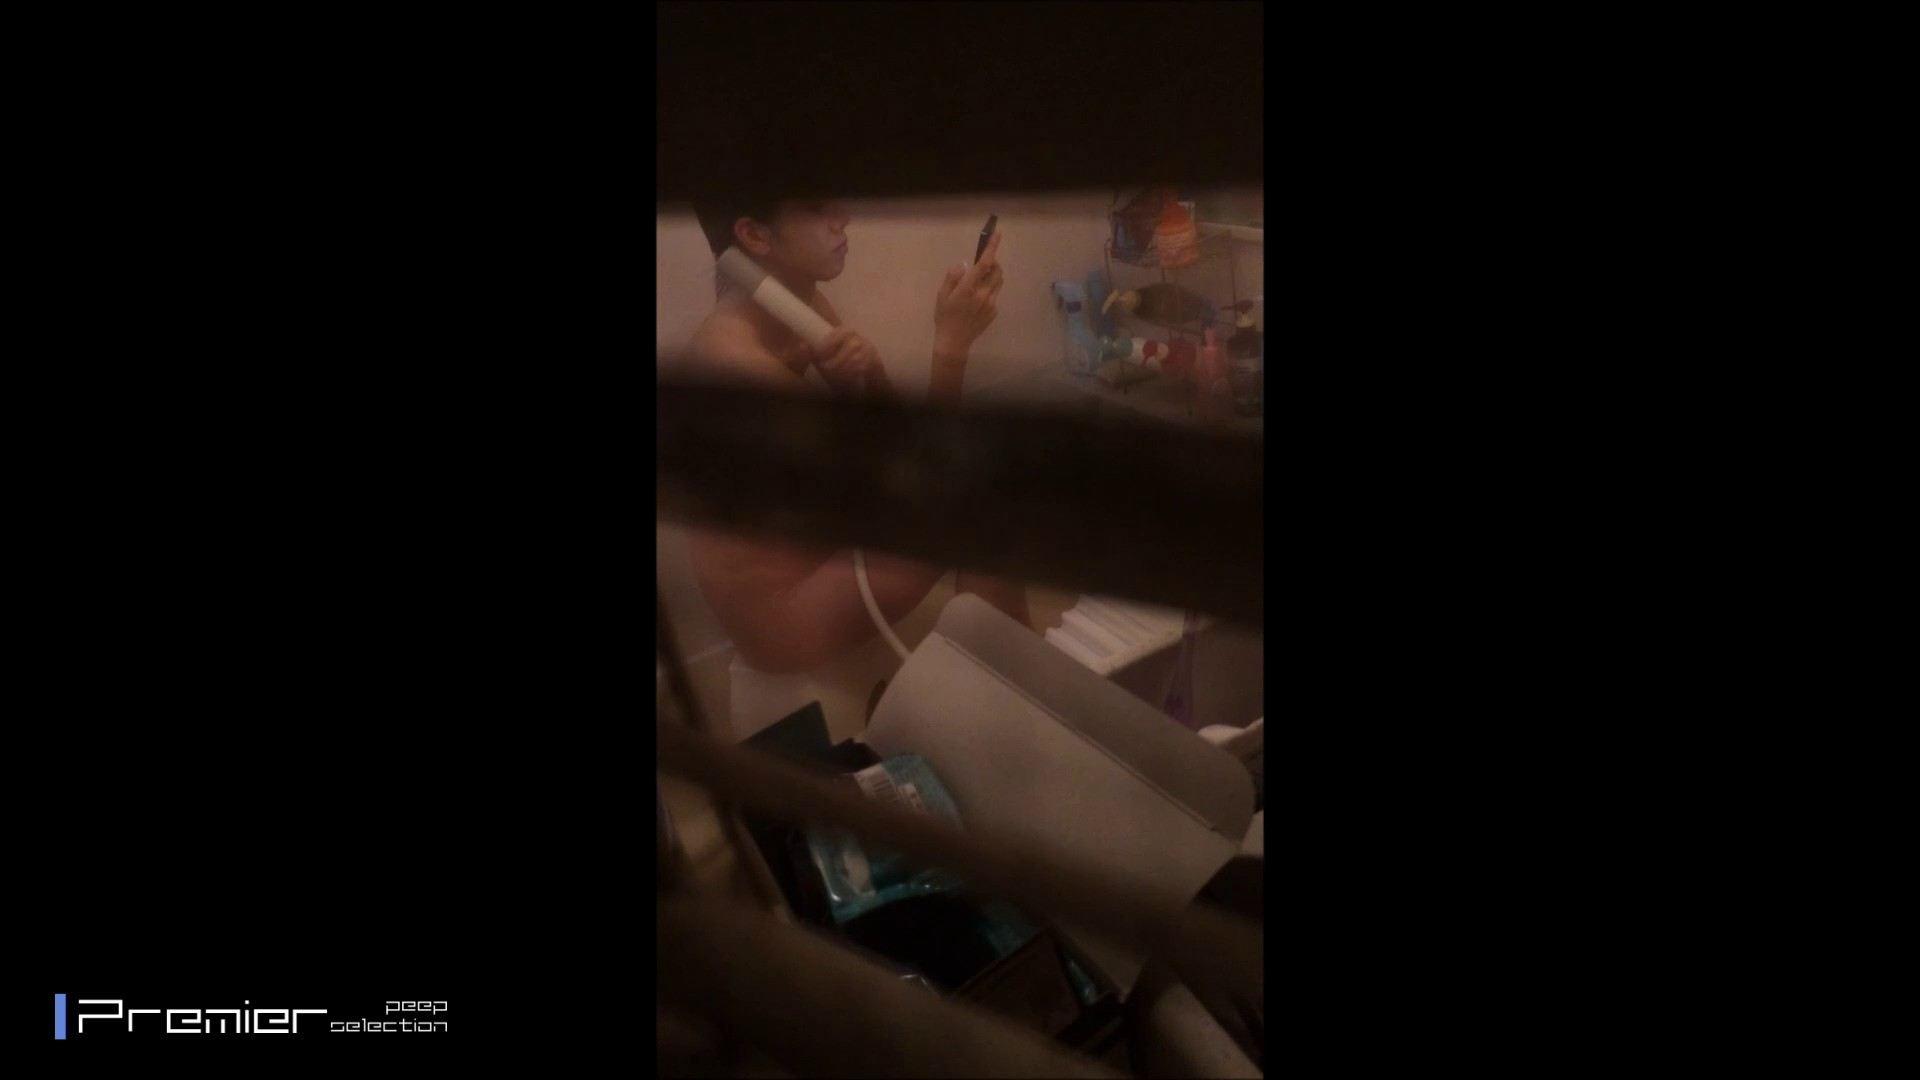 高画質フルハイビジョン スレンダー美女の入浴 乙女の風呂場 Vol.04 OLハメ撮り  94Pix 29